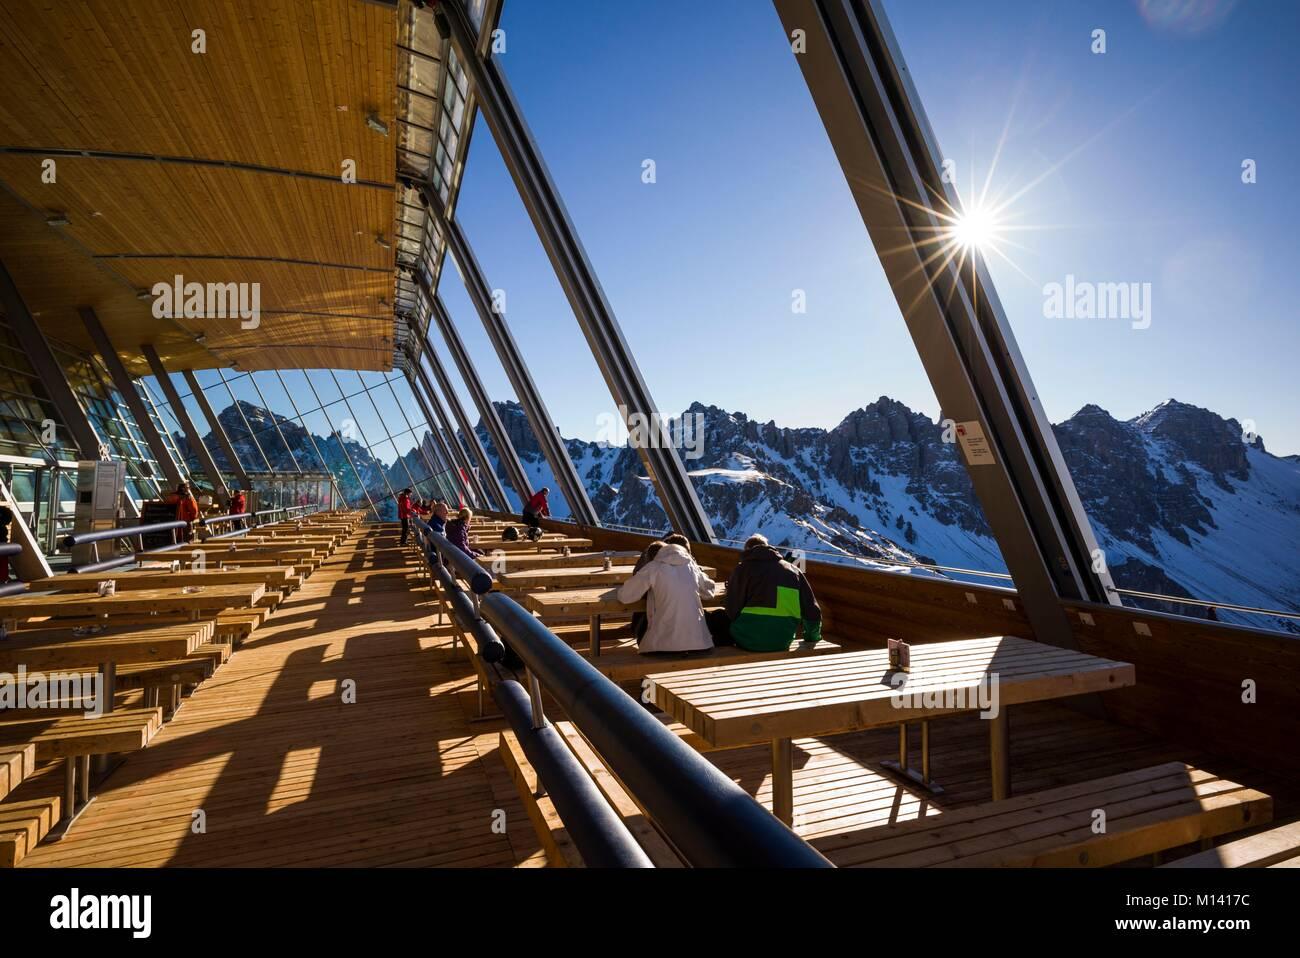 Österreich, Tirol, Axamer Lizum, hosting Dorf der 1964 und 1976 Winter Olympics, hoadl Haus Restaurant Essbereich, Stockbild